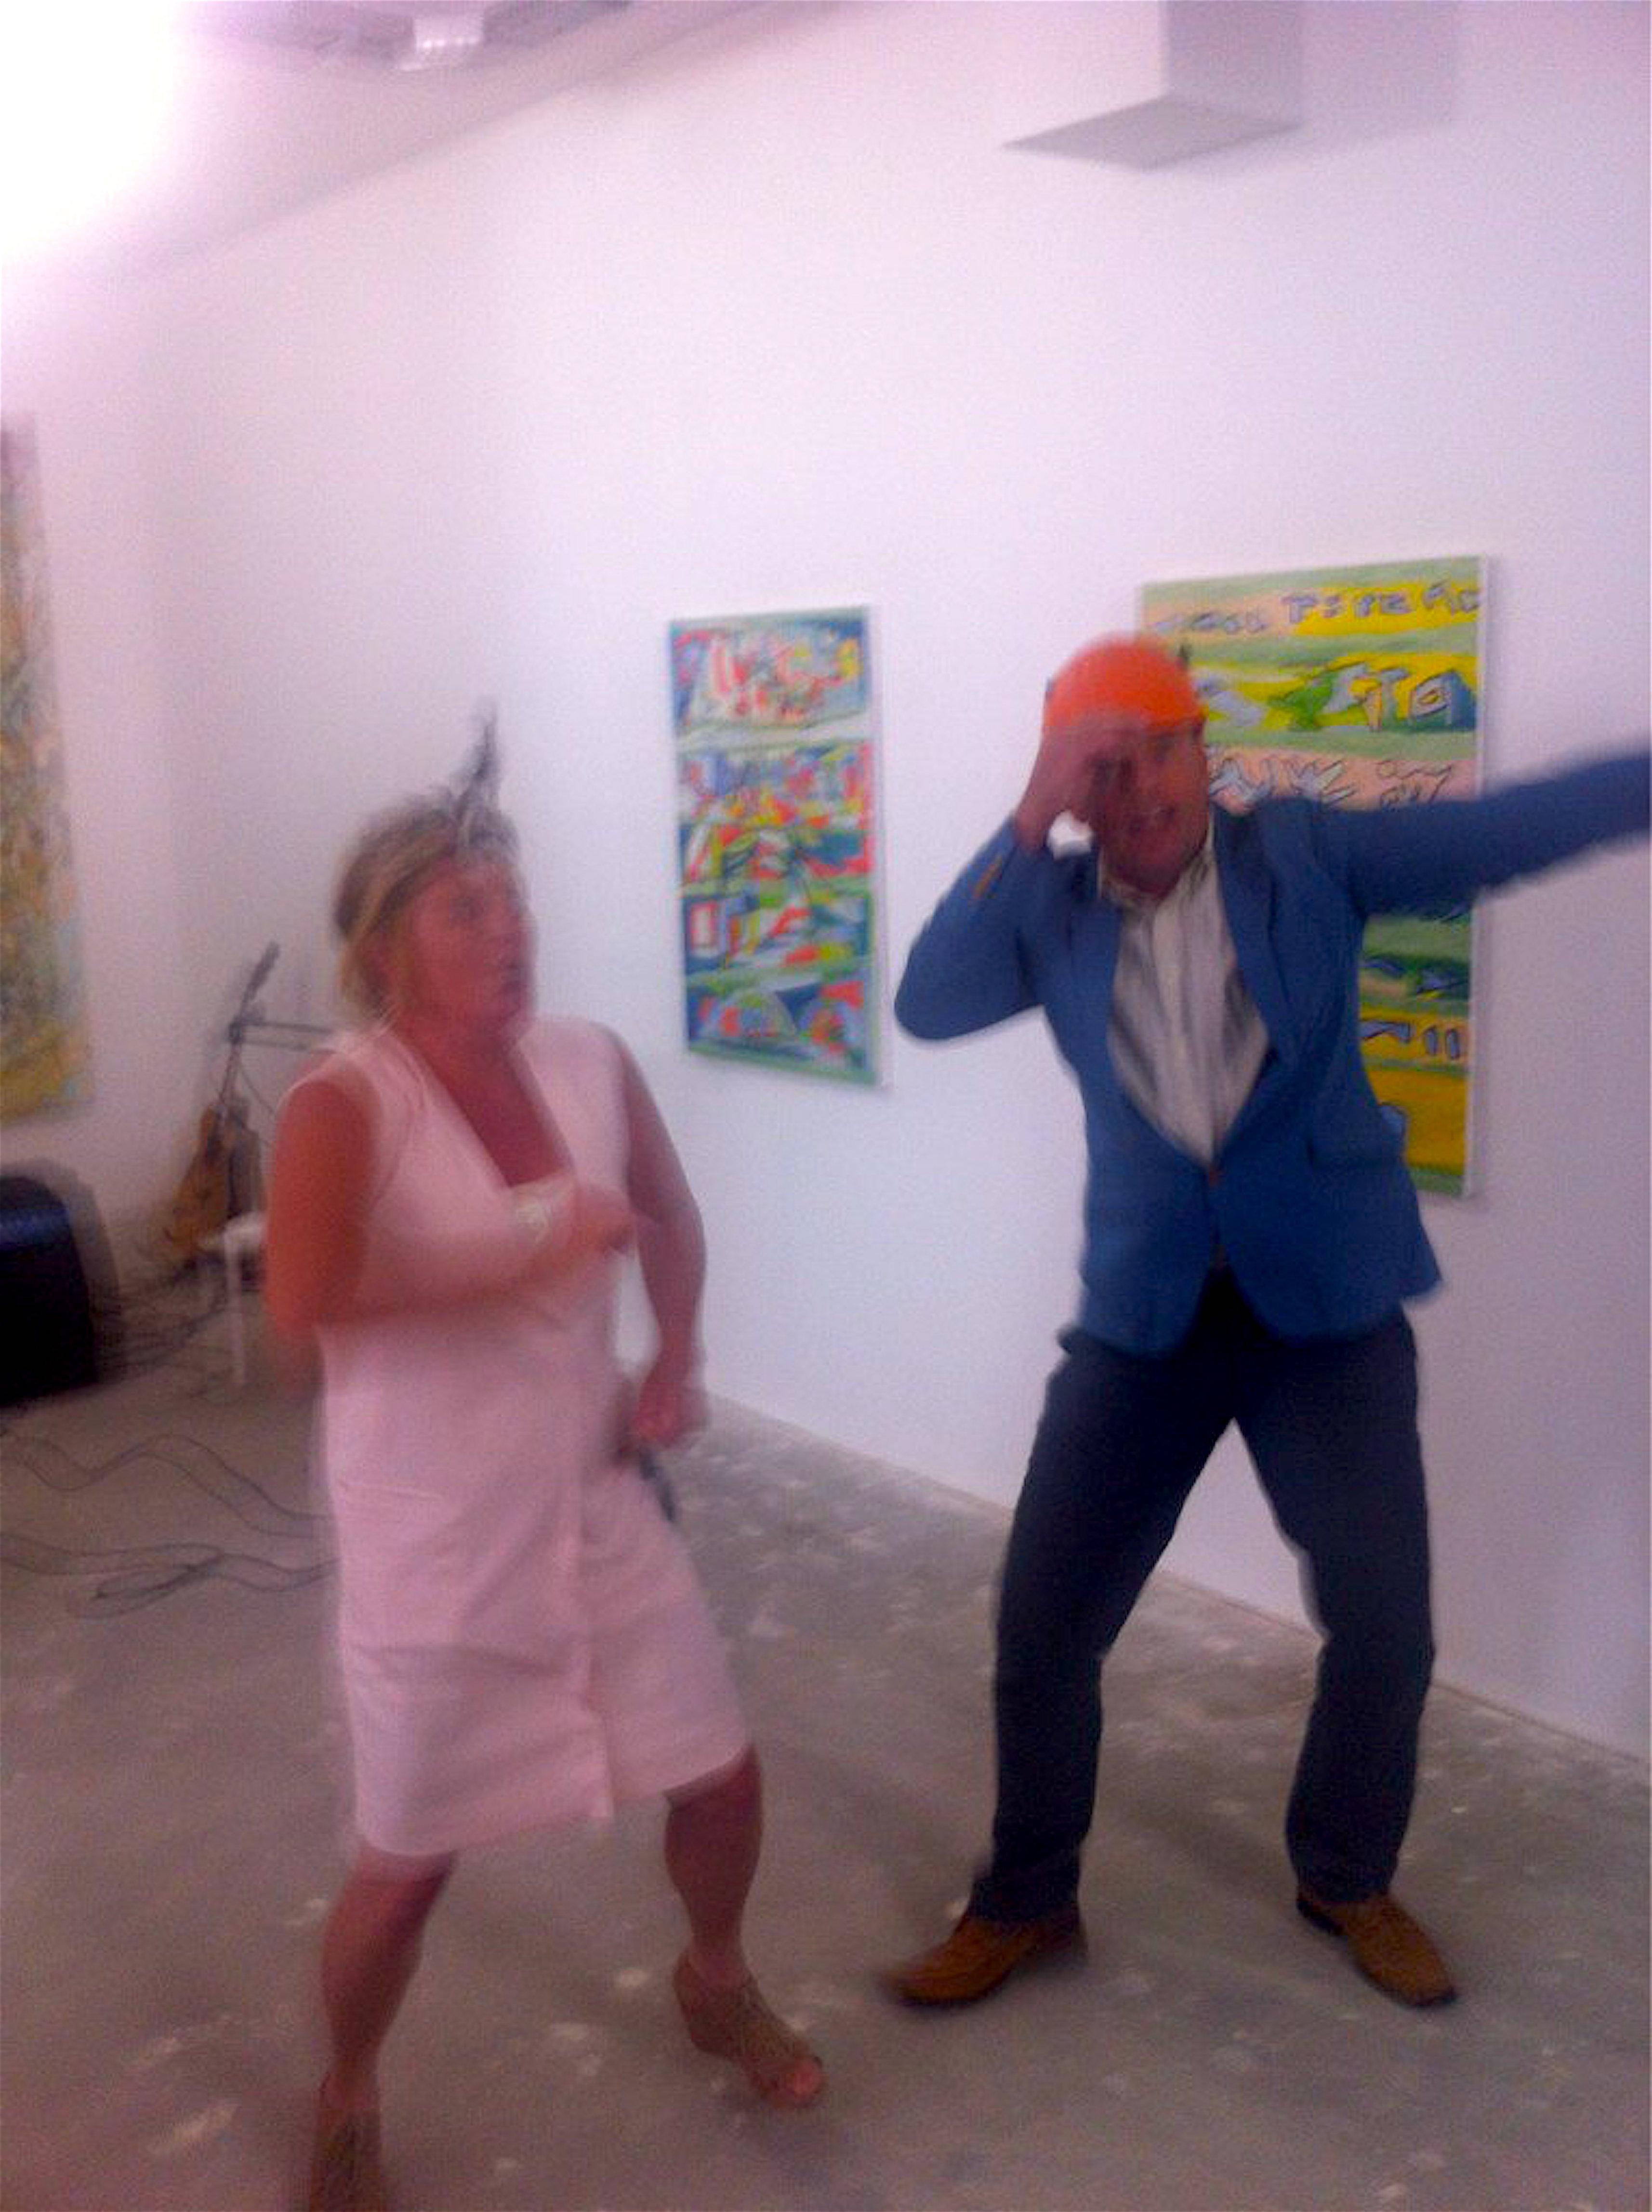 Koos Dalstra en zijn vrouw Marion van Wijk maken er weer een dolle boel van (foto Twitter)